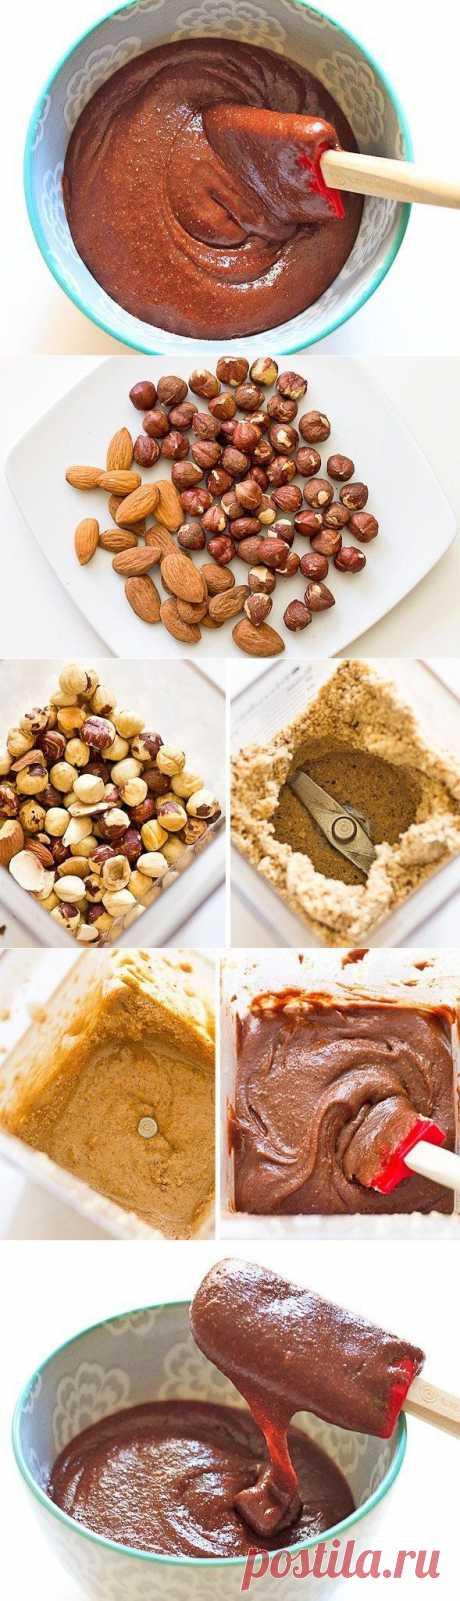 Домашняя орехово-шоколадная паста | Готовим вместе